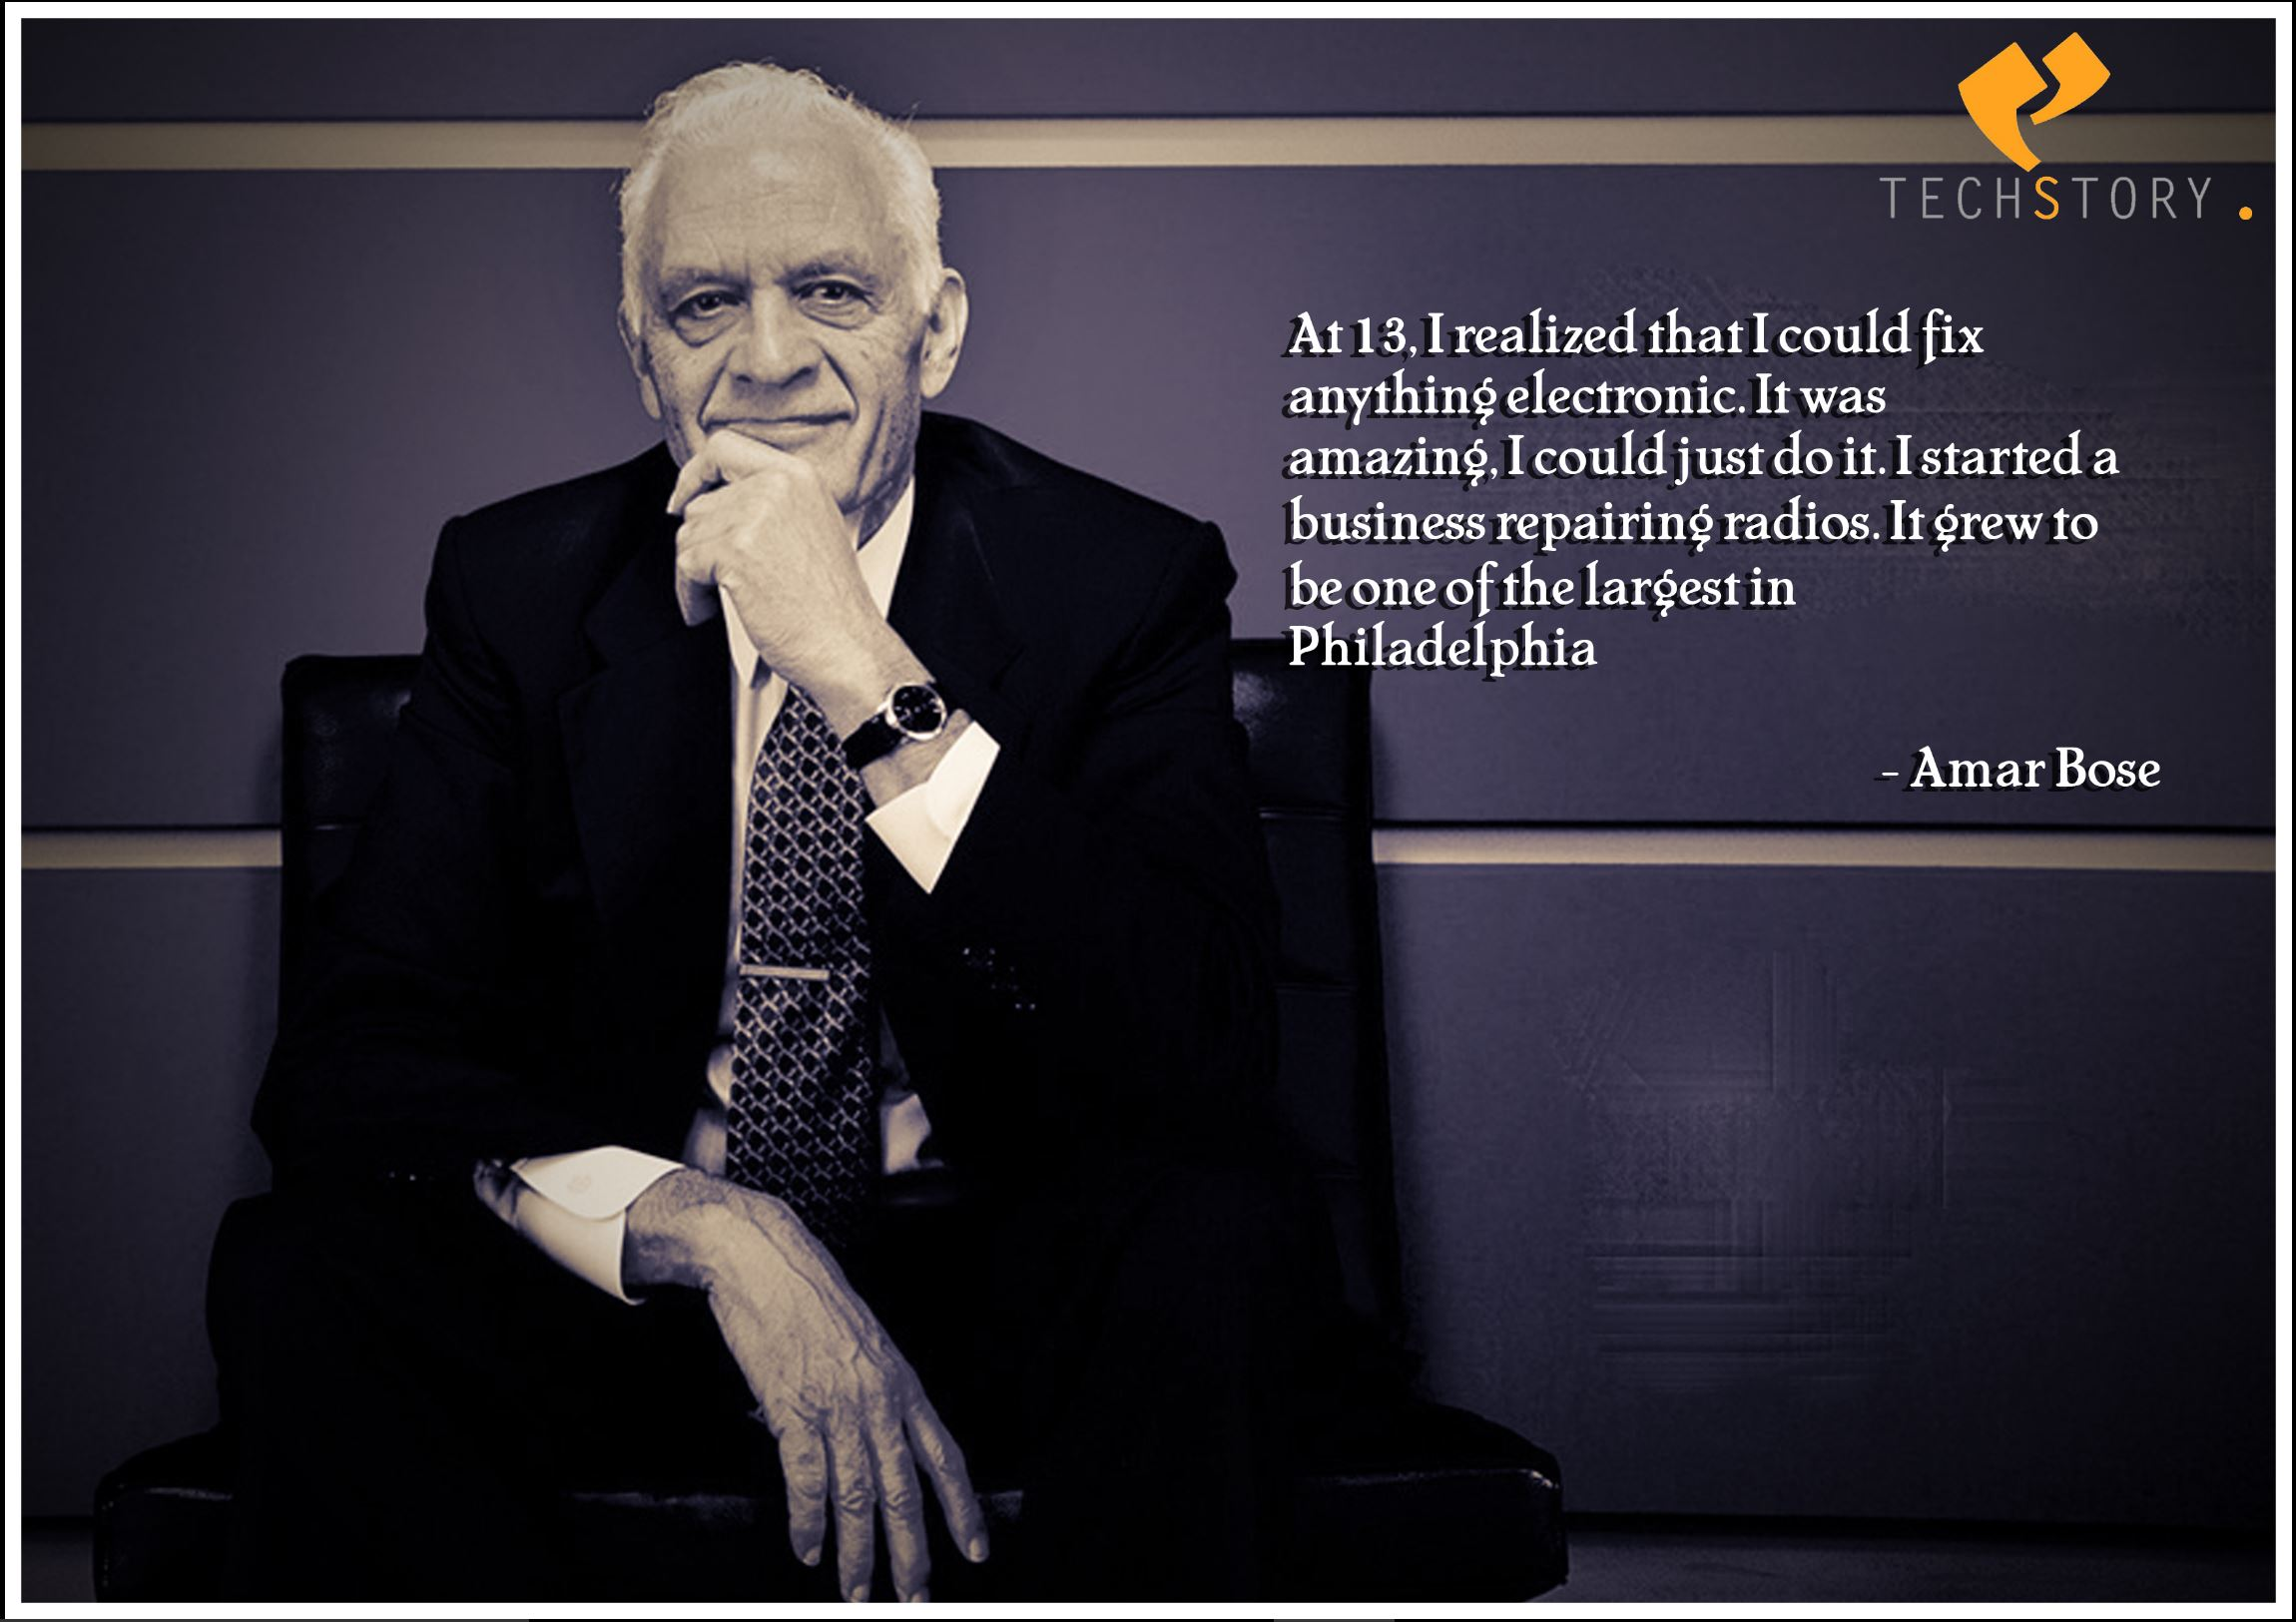 Amar-Bose-quotes-1